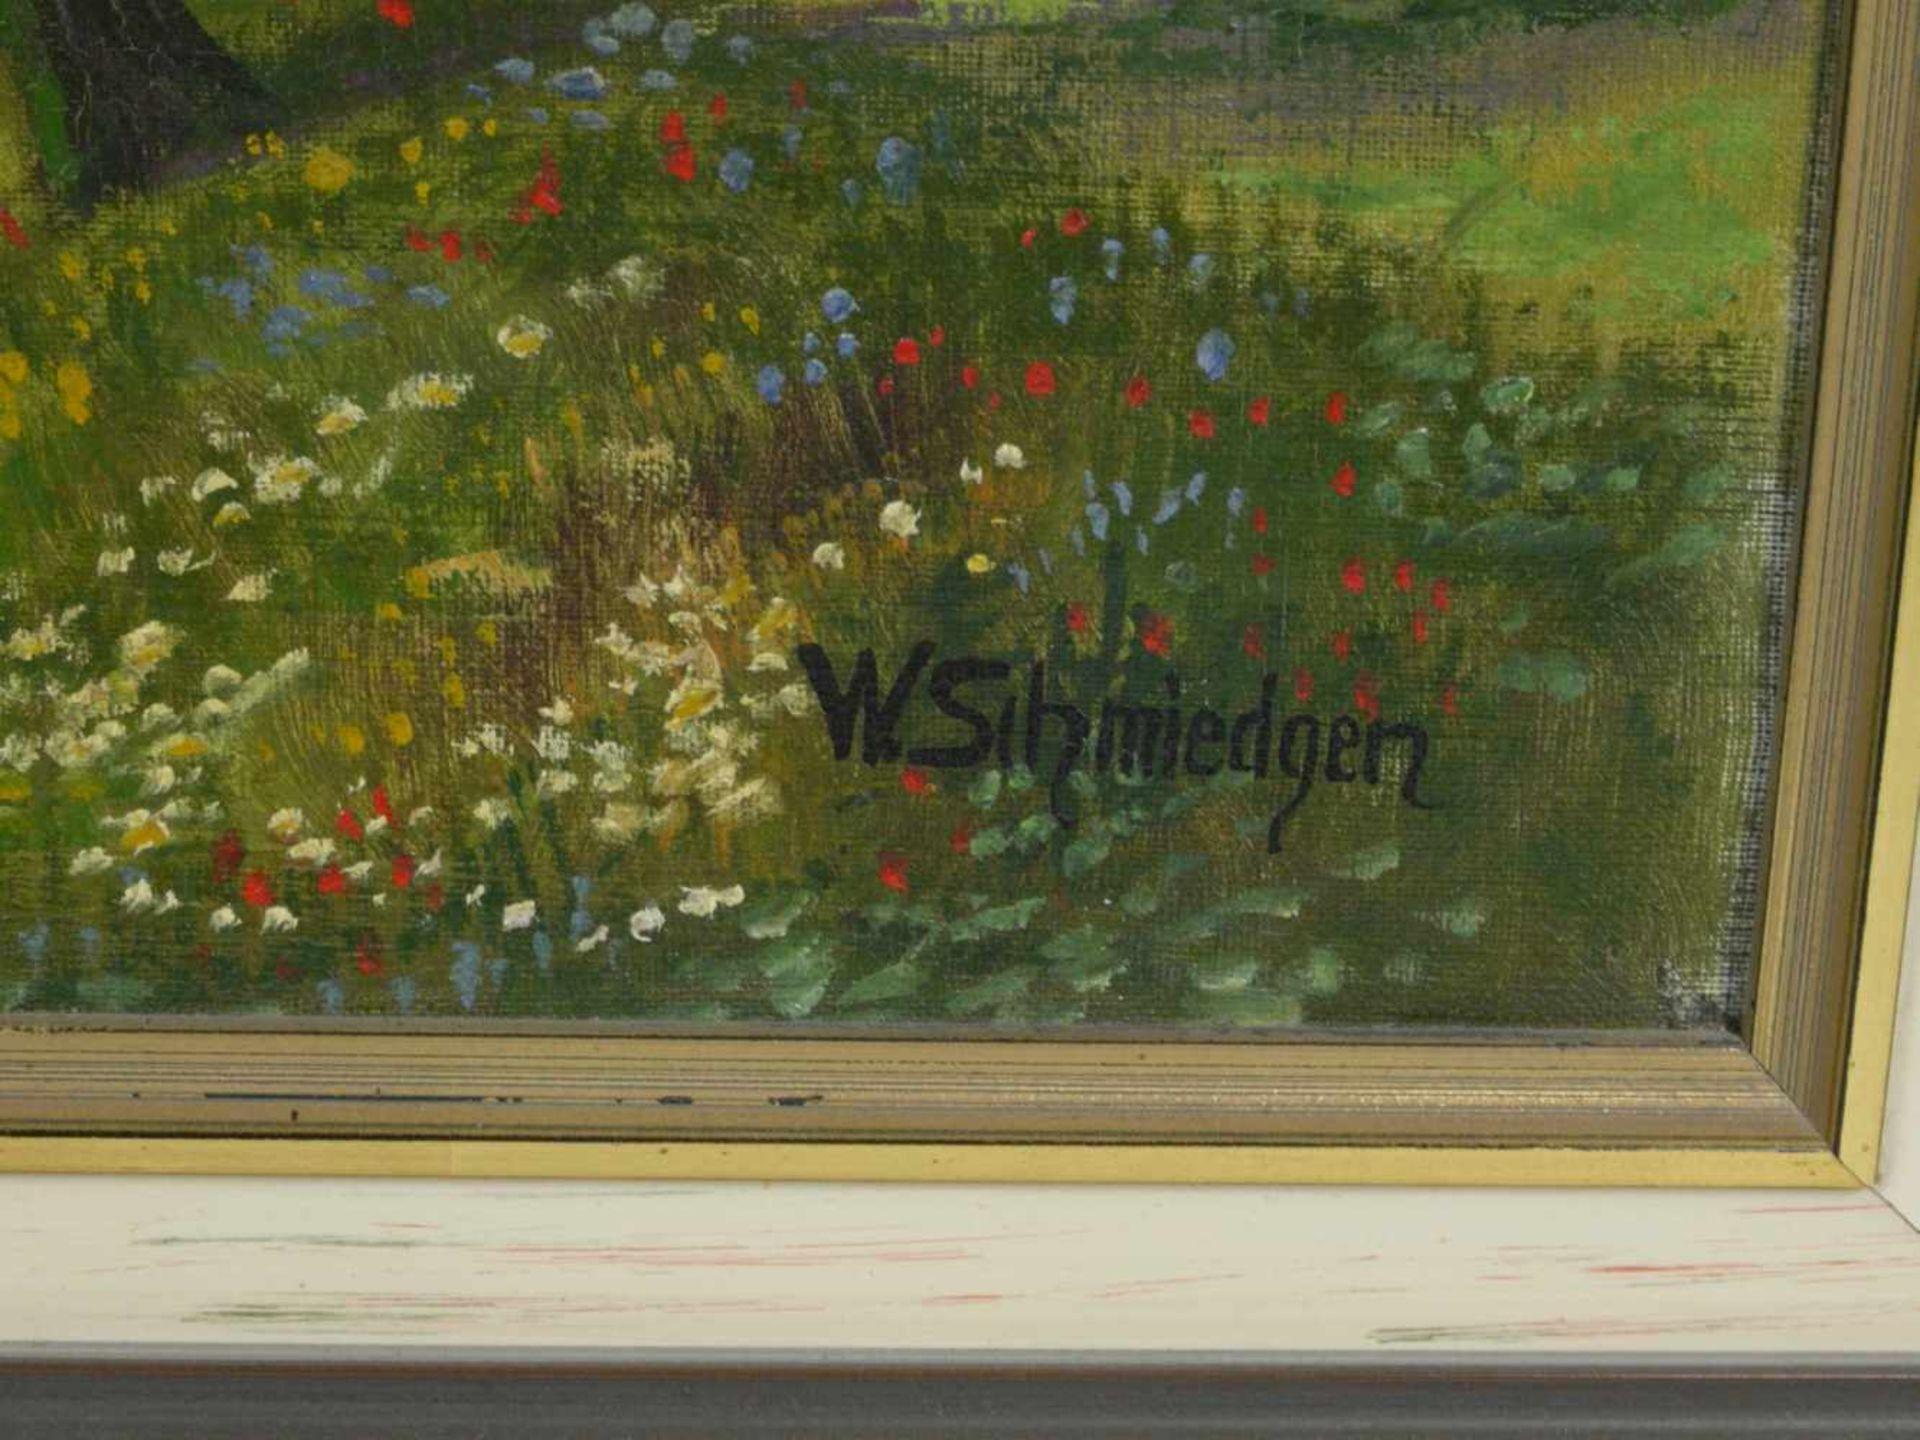 Schmiedgen, W. - Birkenallee im SpätsommerBlick in eine übers Land führende Birkenallee, zu ihren - Bild 4 aus 7